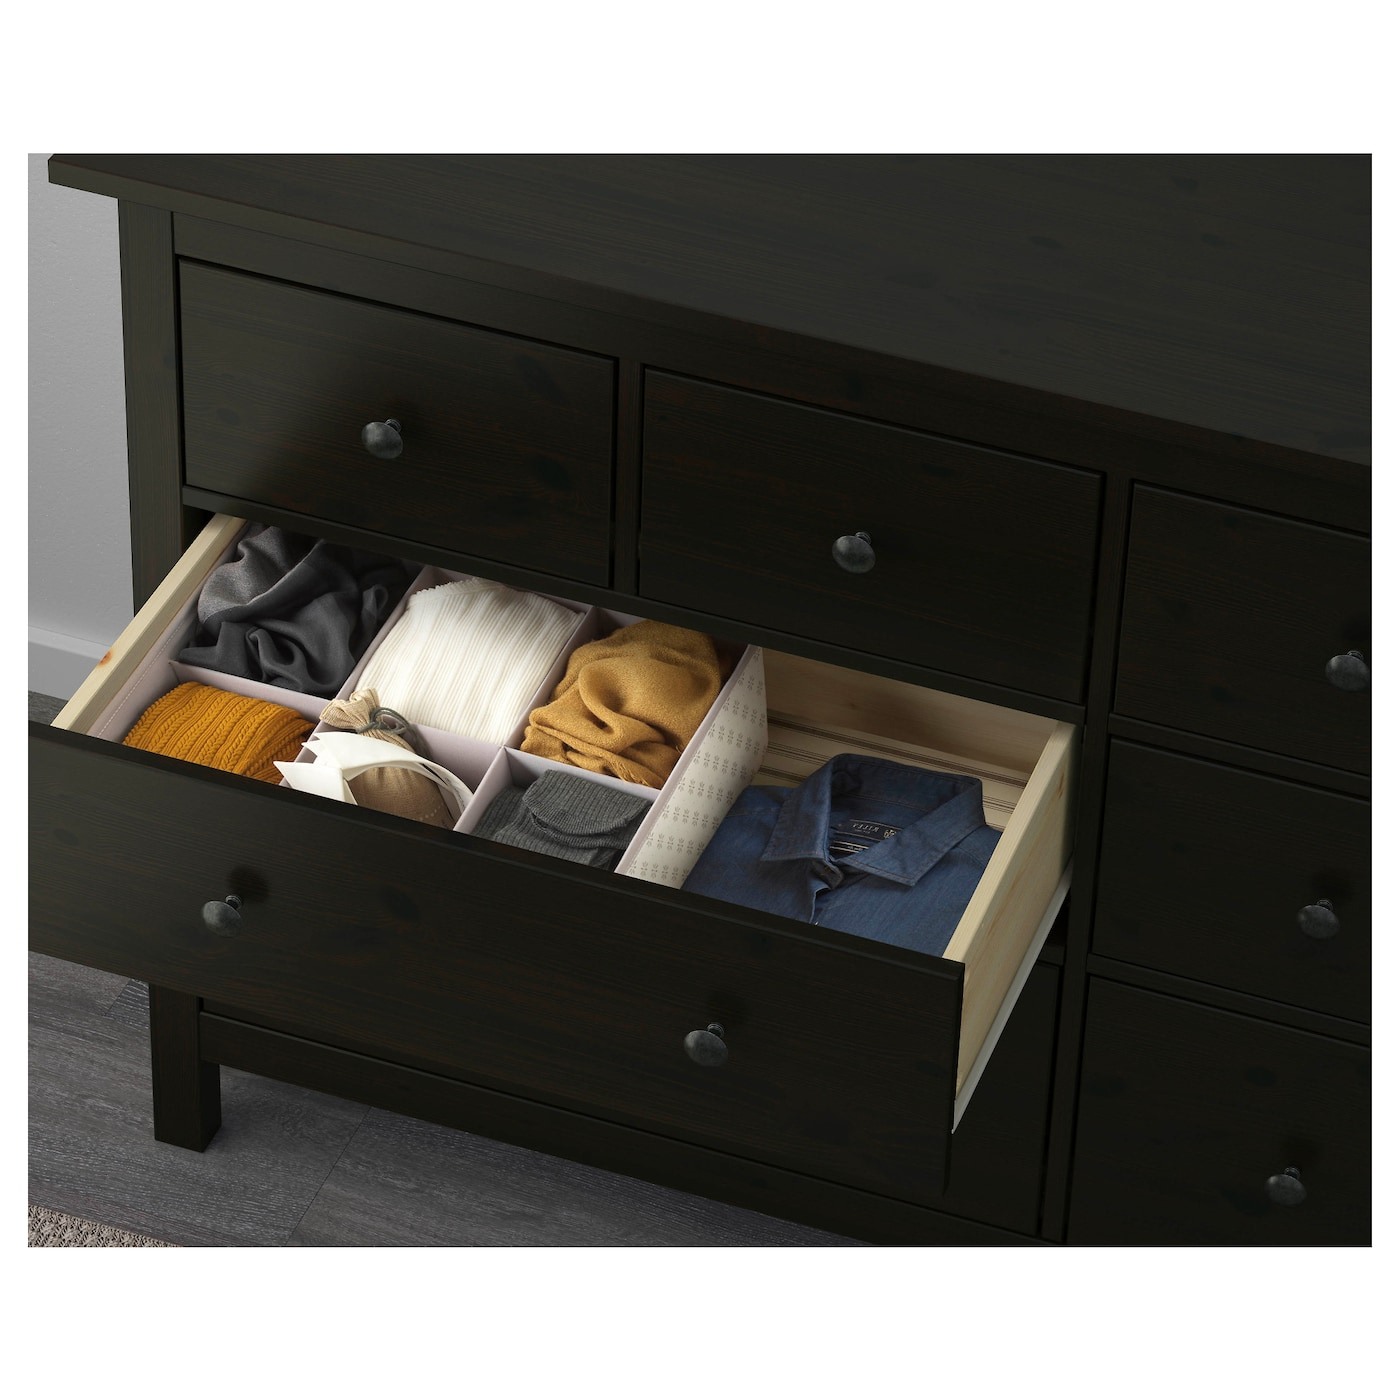 Hemnes chest of 8 drawers black brown 160x96 cm ikea for Ikea schubladen organizer